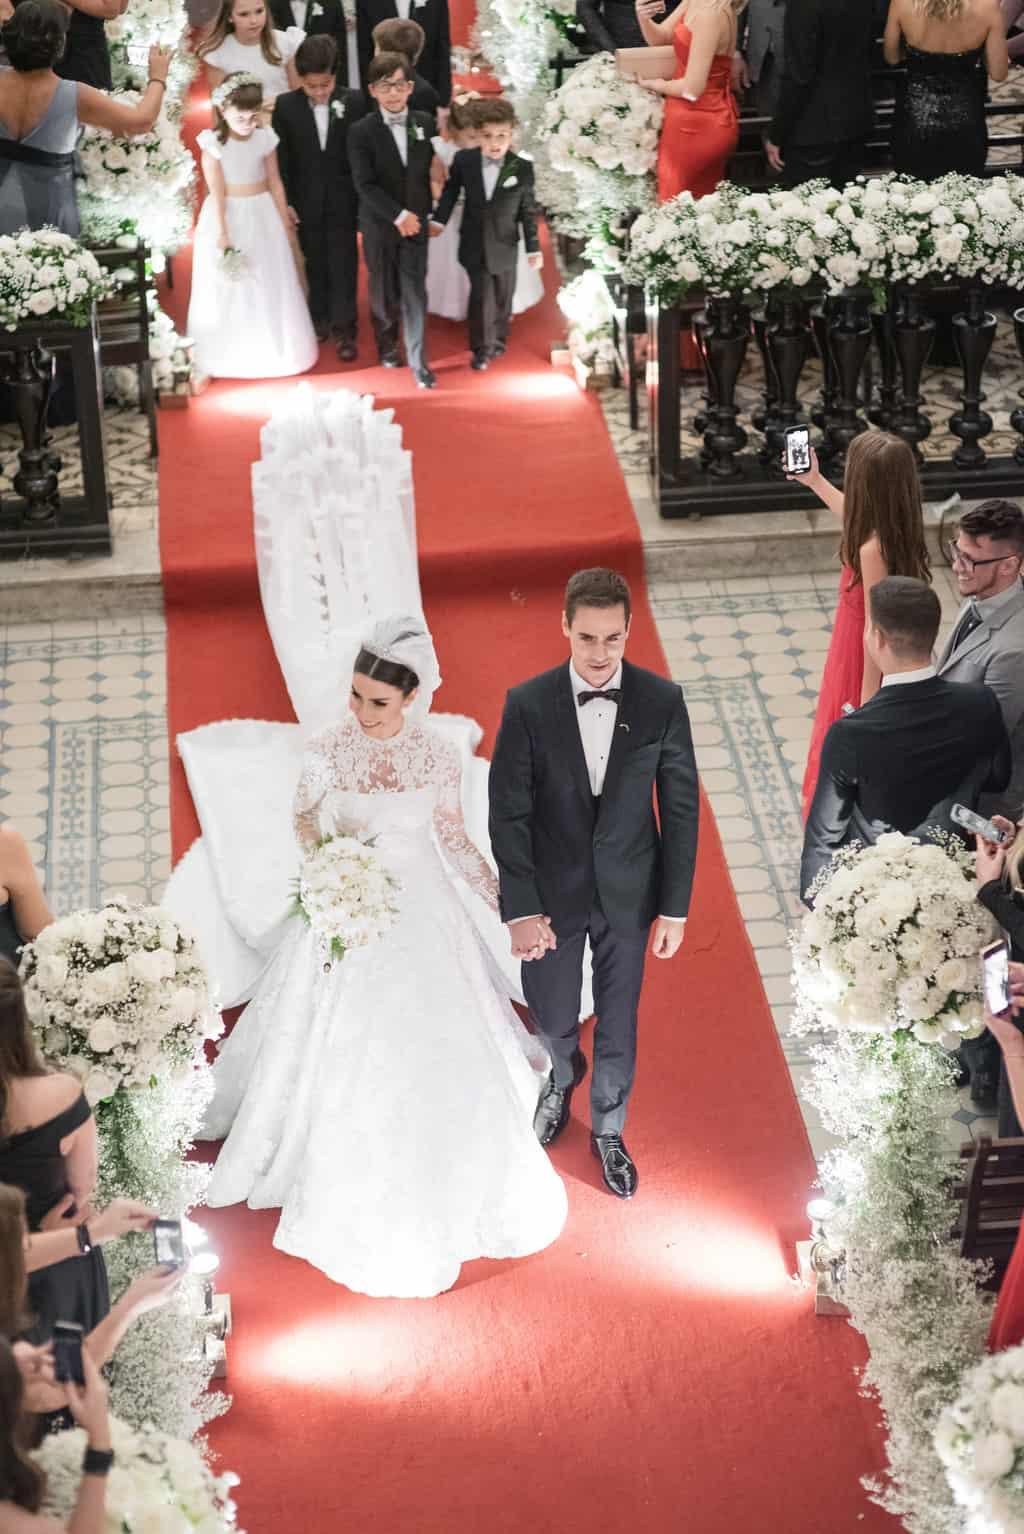 casamento-Patricia-e-Thiago-Igreja-Nossa-Senhora-do-Bonsucesso-Paula-Rocha-Marina-Fava-Cerimonia1169-Patricia-e-Thiago-_JGN1064